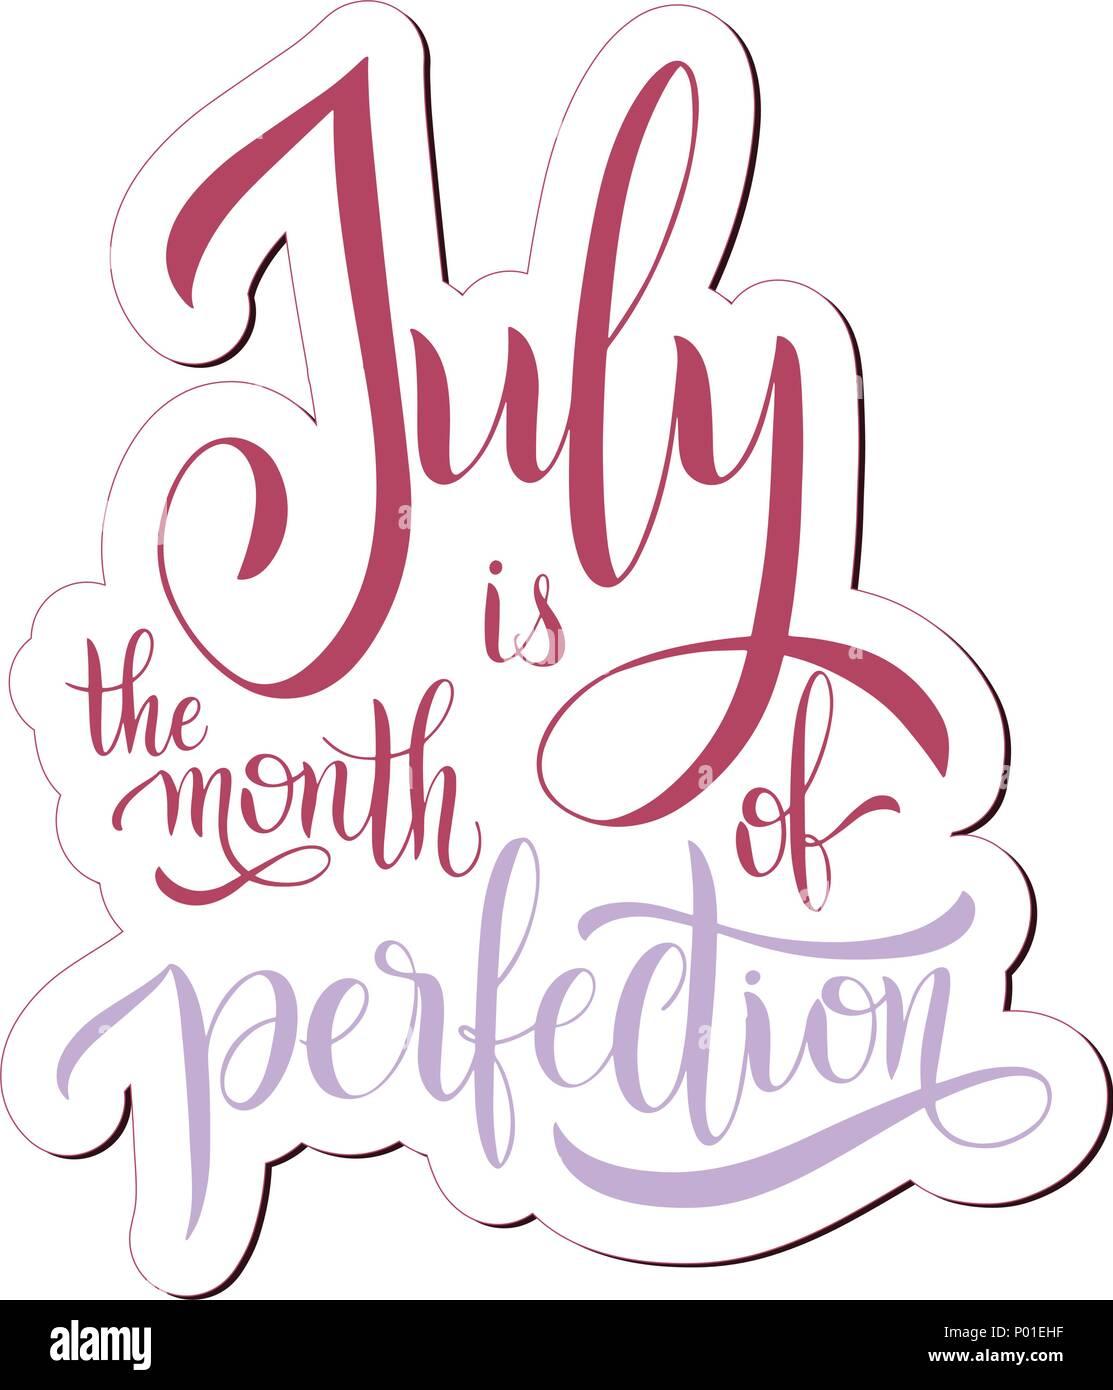 Der Juli ist der Monat der Perfektion. Hallo Juli Schriftzug. Elemente für Einladungen, Poster, Grußkarten. Seasons Greetings Stockbild